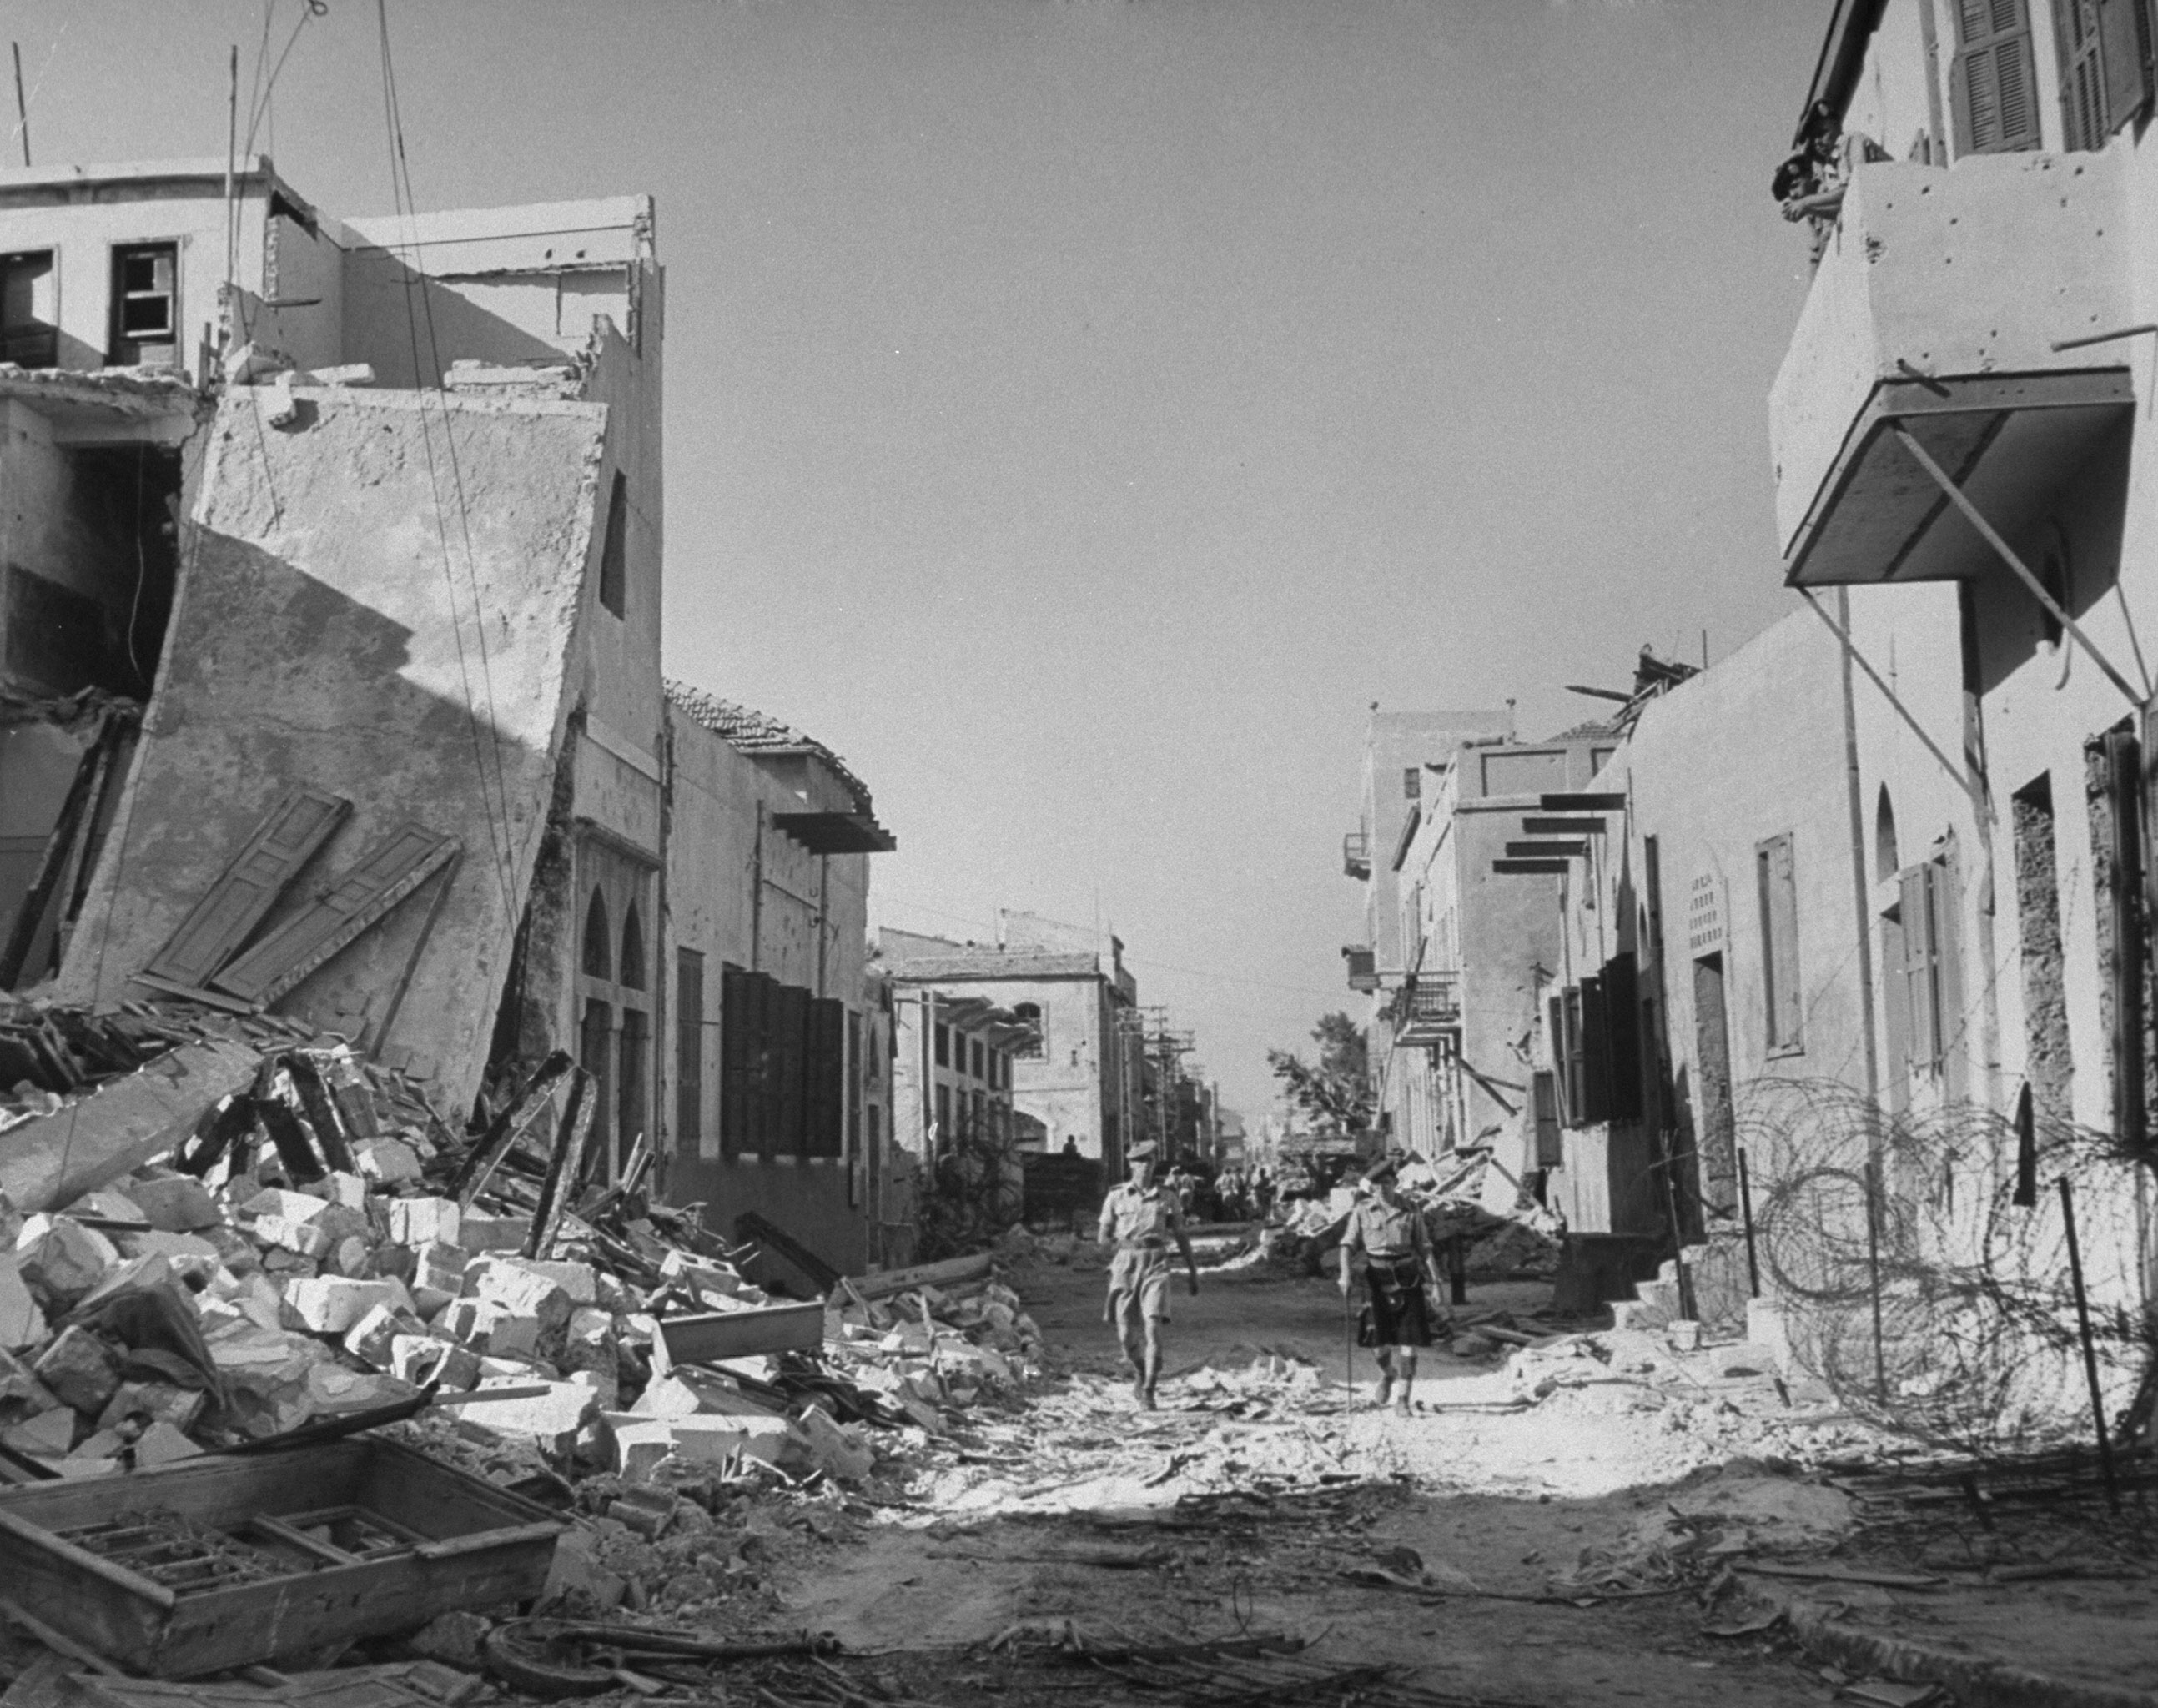 Солдаты спускаются по разрушенной улице